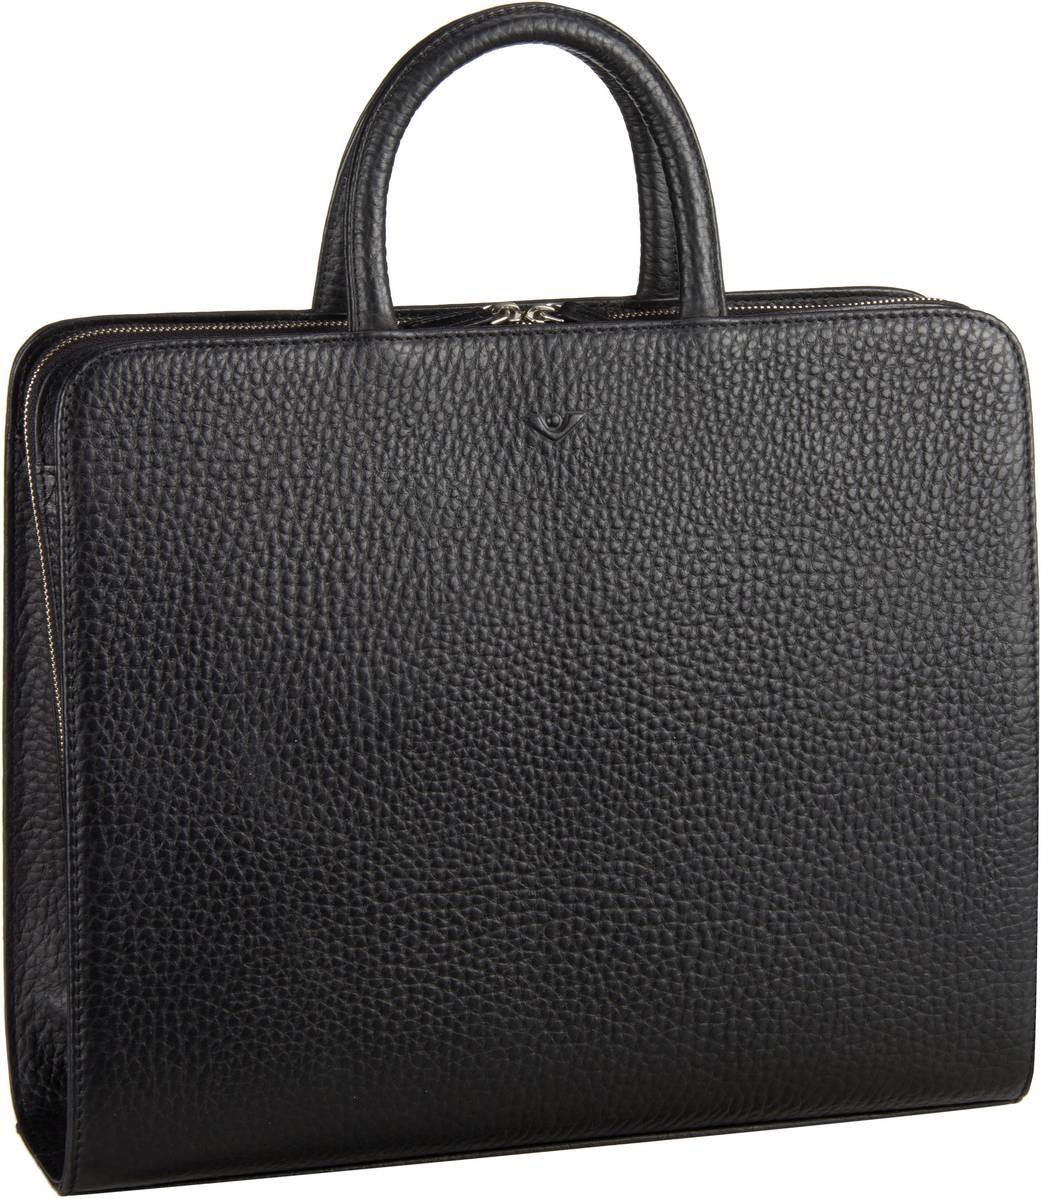 Businesstaschen für Frauen - Voi Hirsch 10517 Ordner Tasche A4 Schwarz Aktenmappe  - Onlineshop Taschenkaufhaus